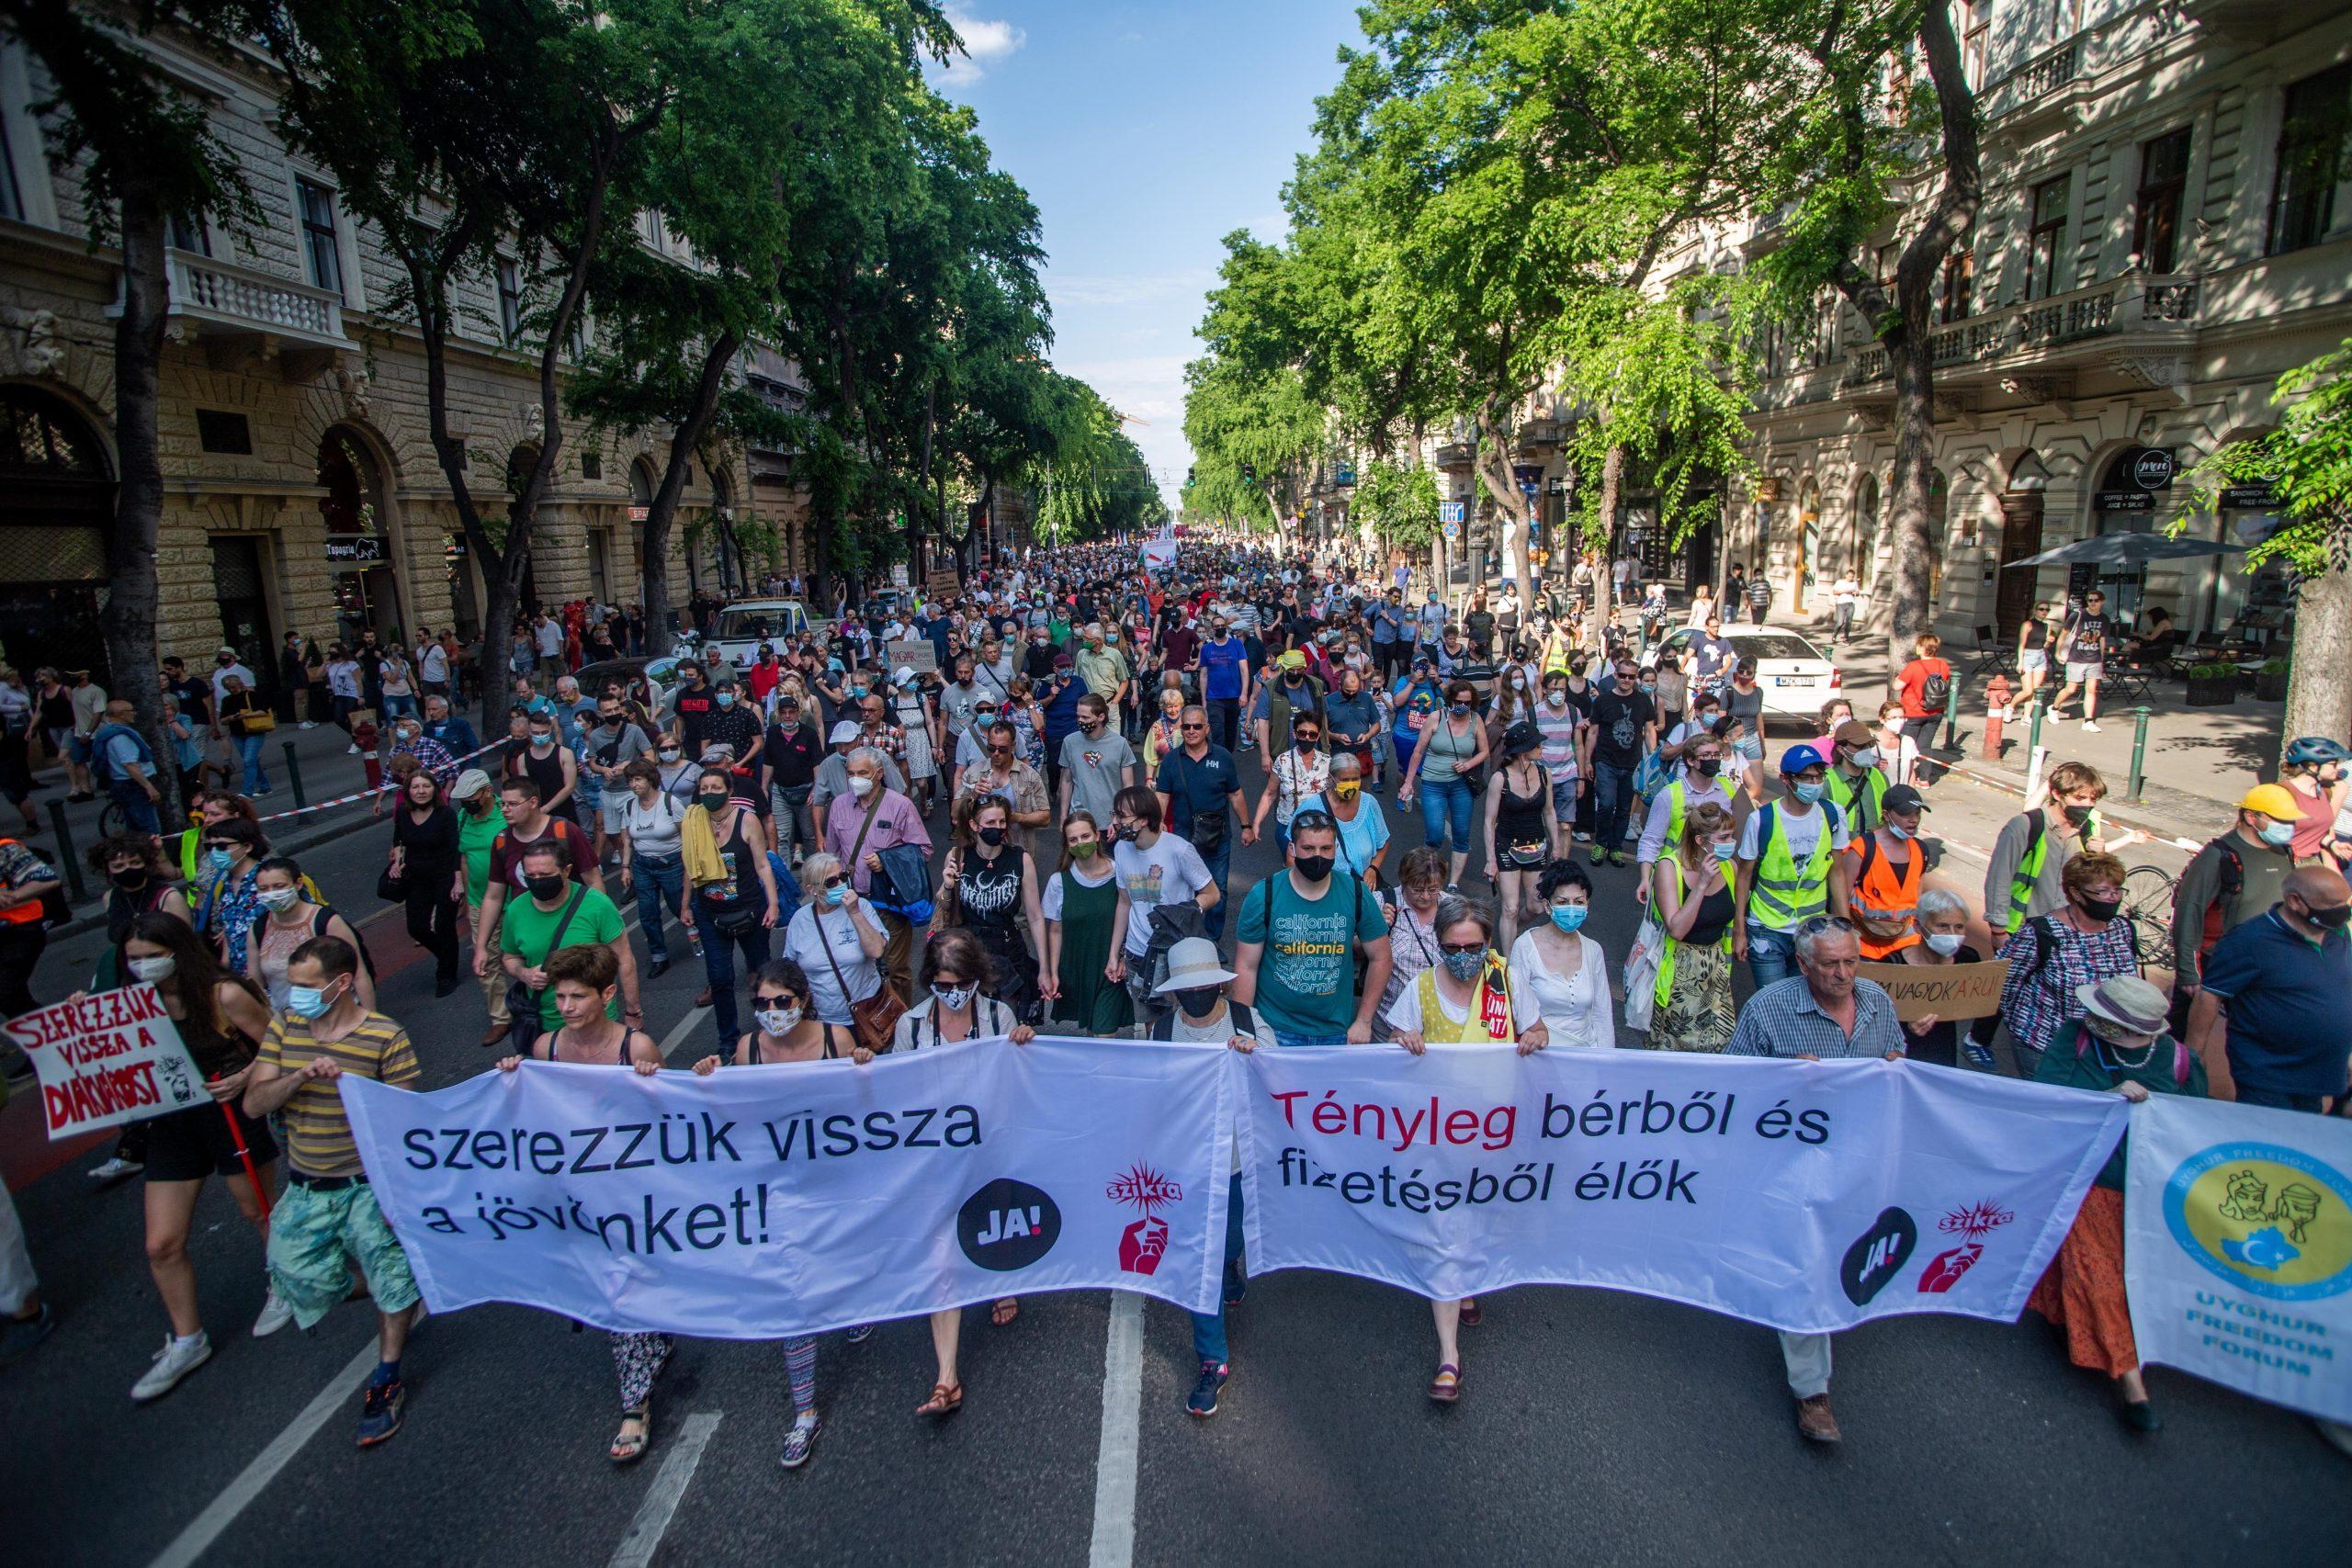 Tausende Menschen protestierten gegen die geplante Fudan Universität in Budapest